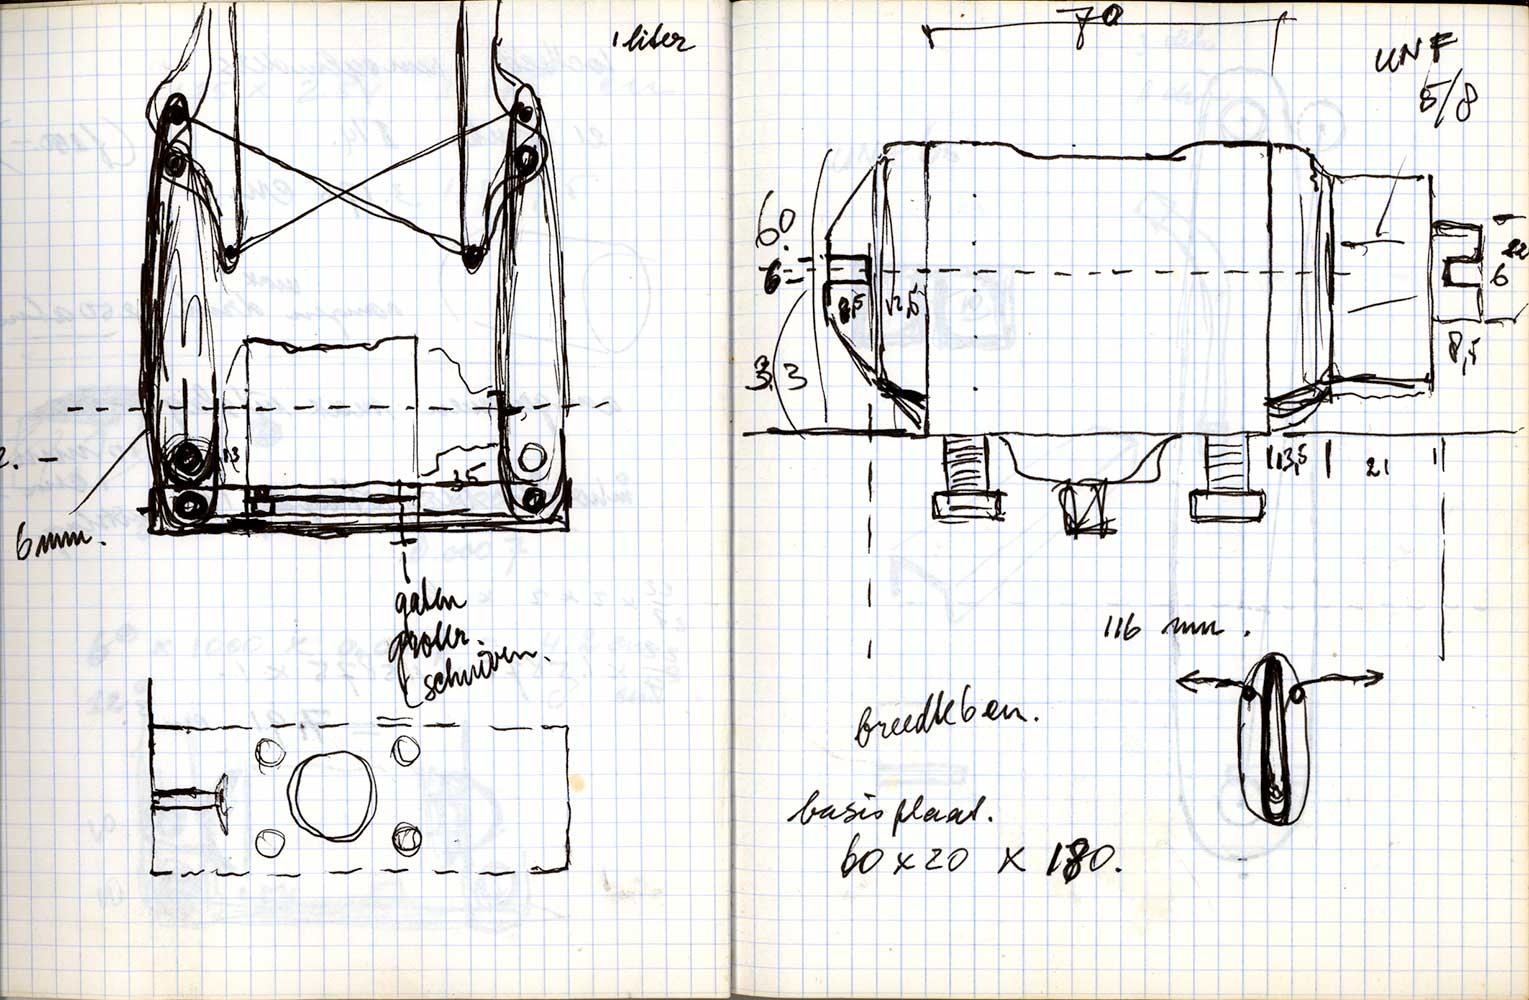 gerrit-van-bakel-konijntje-detail-schets-s1978030